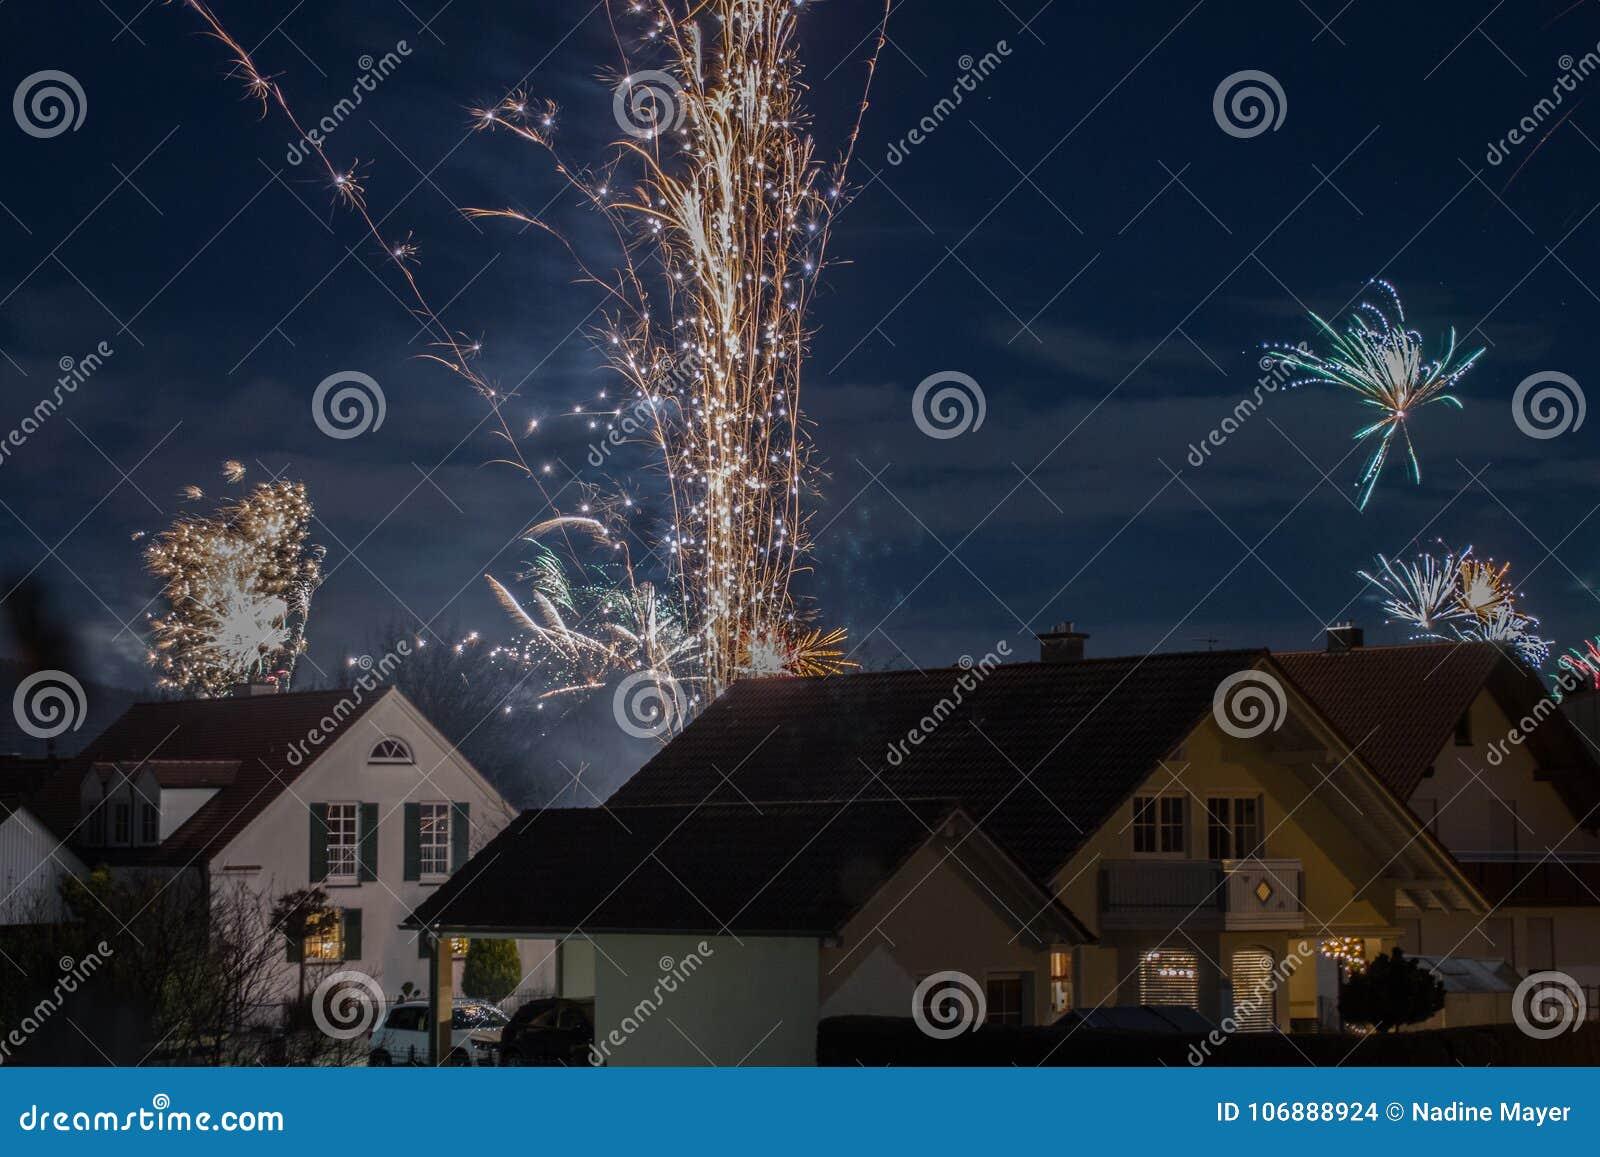 Fajerwerki wystawiają w małym wiejskim miasteczku